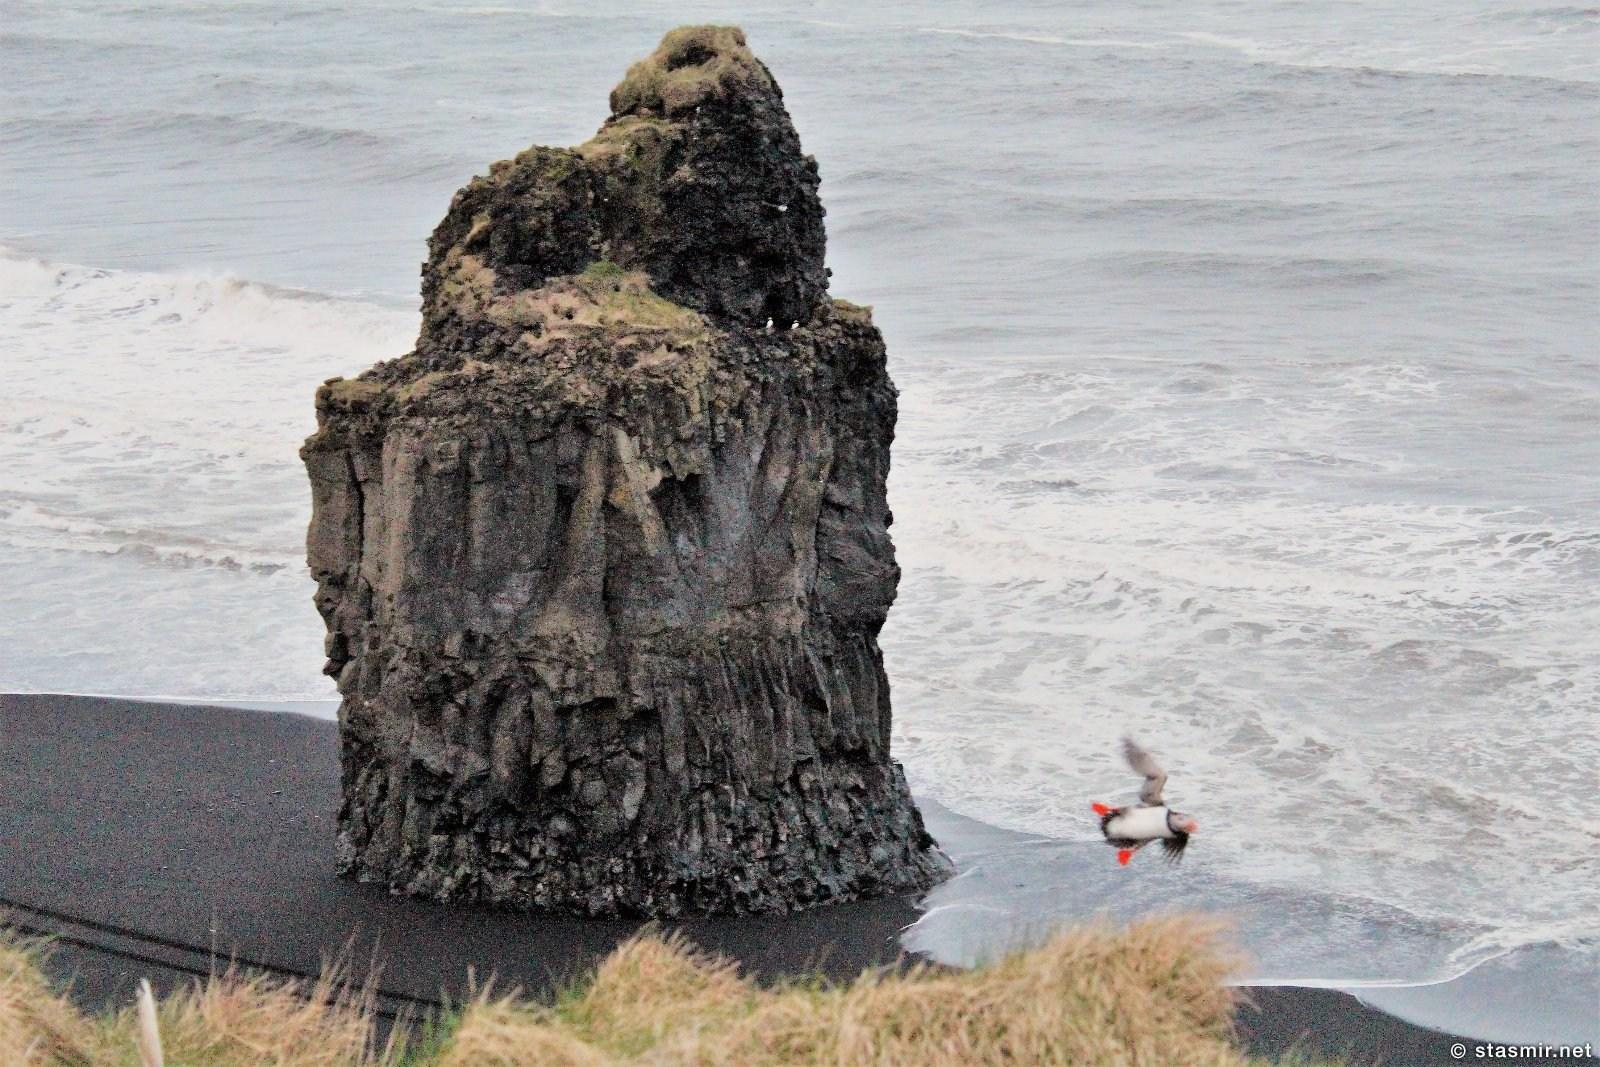 Тупик на вщлете рядом с Виком - самой южной точкой Исландии, фото Стасмир, photo Stasmir